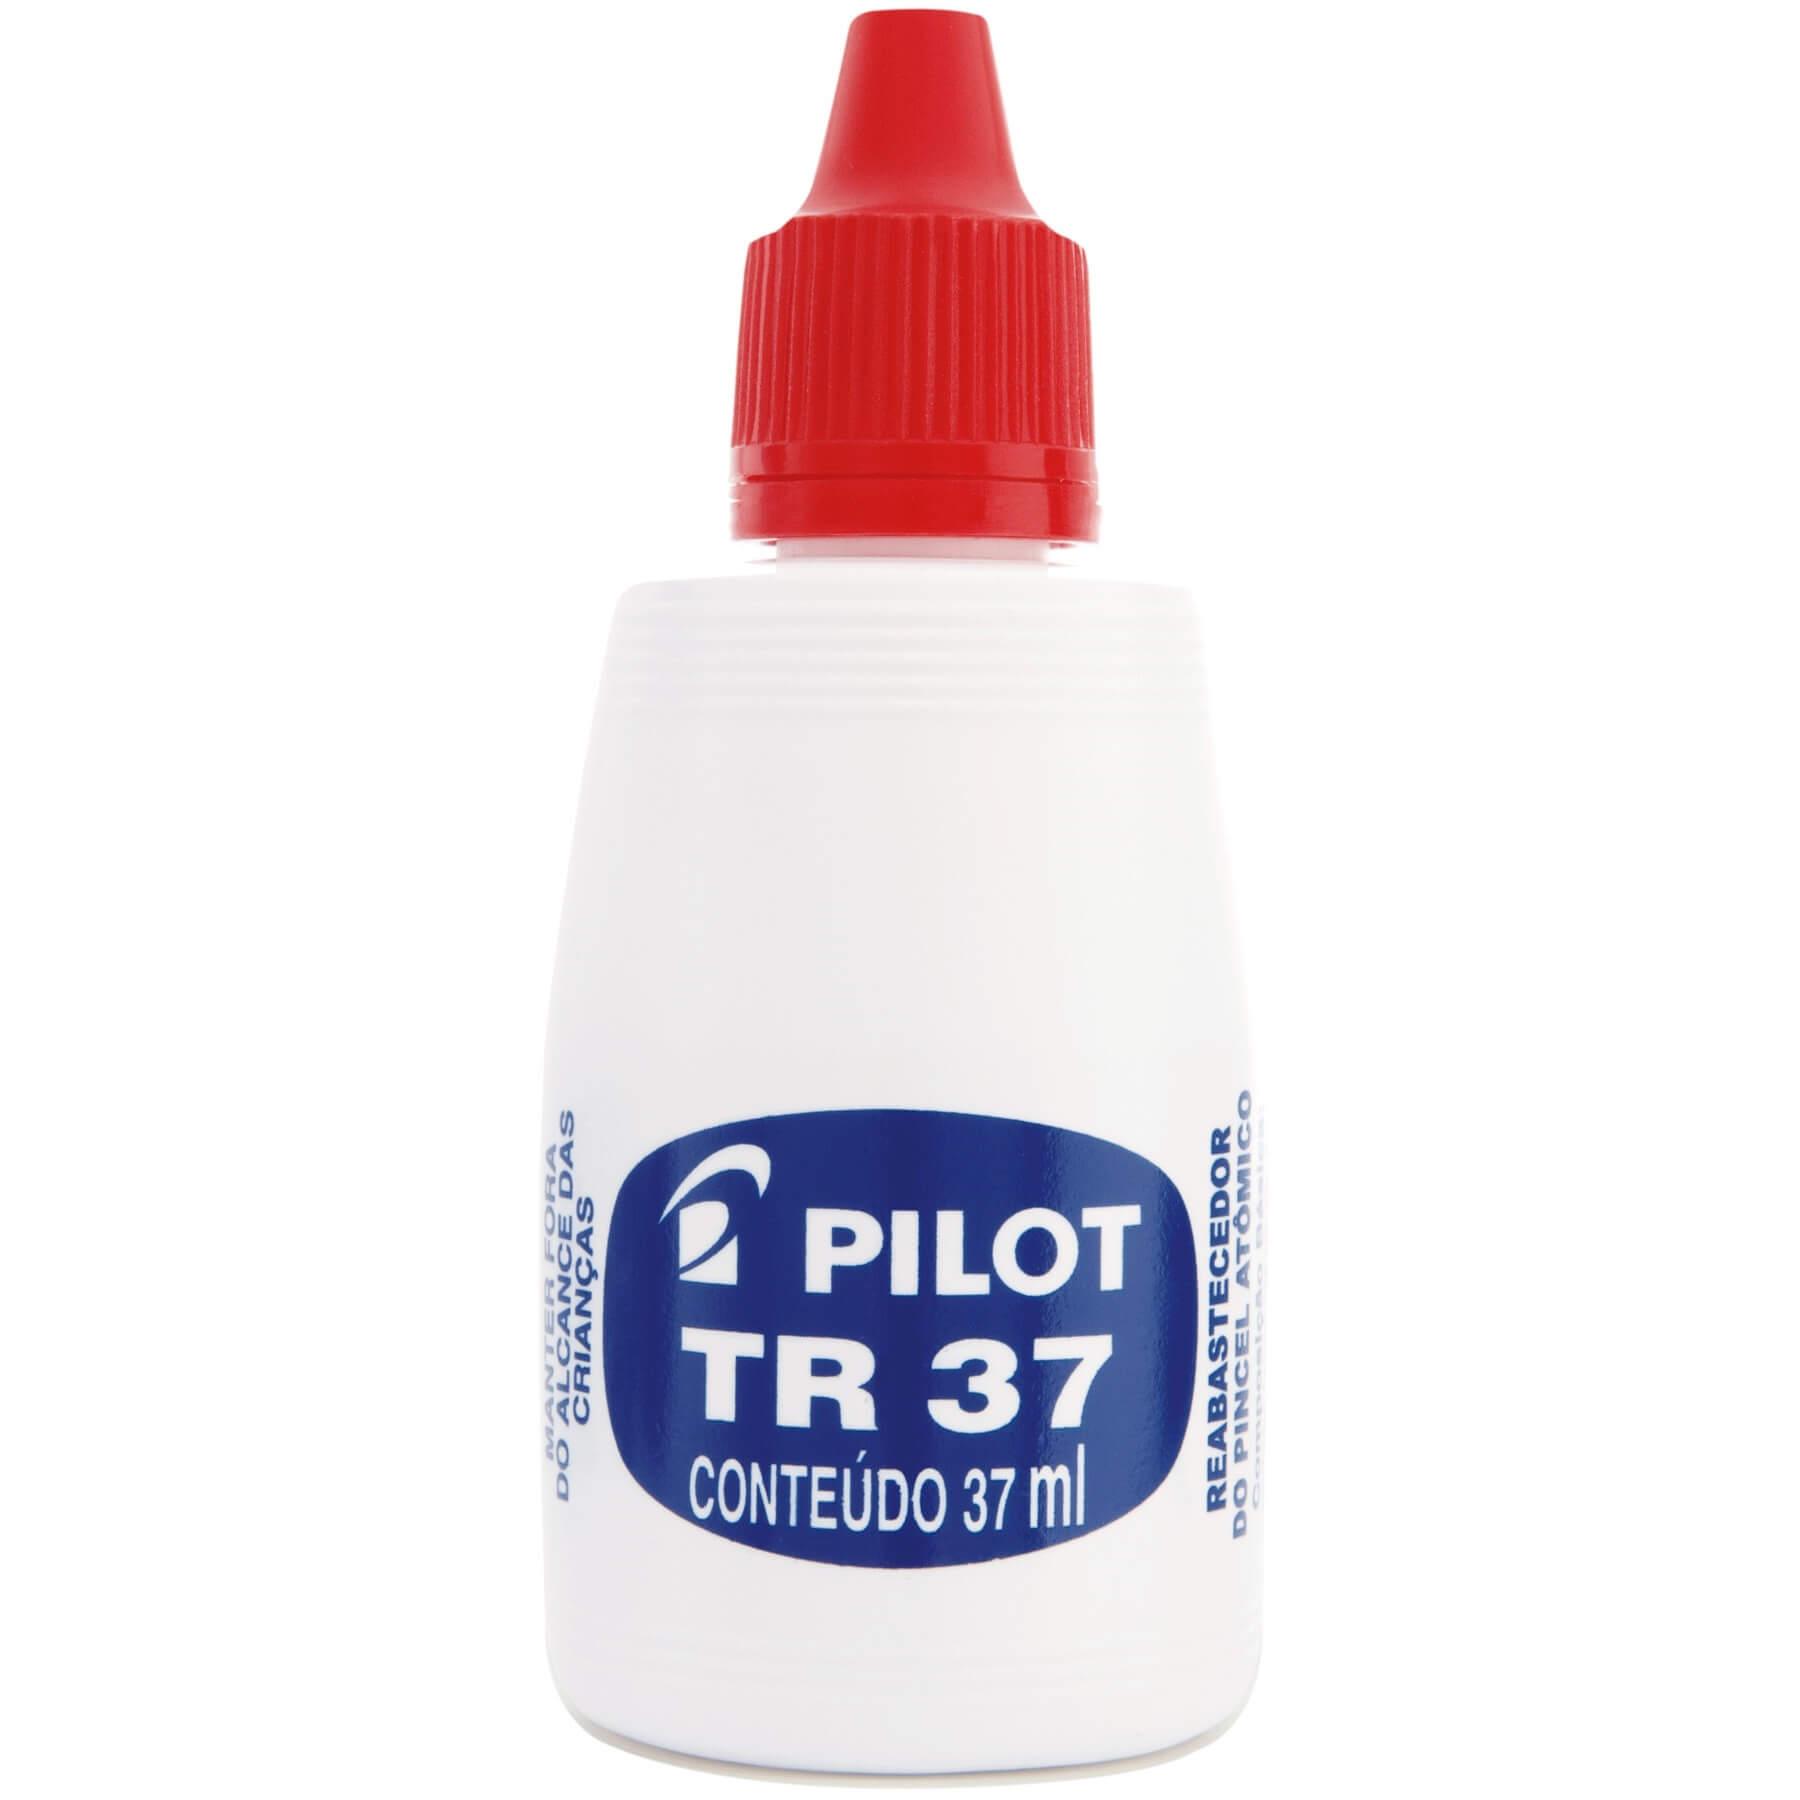 TINTA REABASTECEDOR PINCEL ATÔMICO TR 37 VERMELHO 37 ML - PILOT